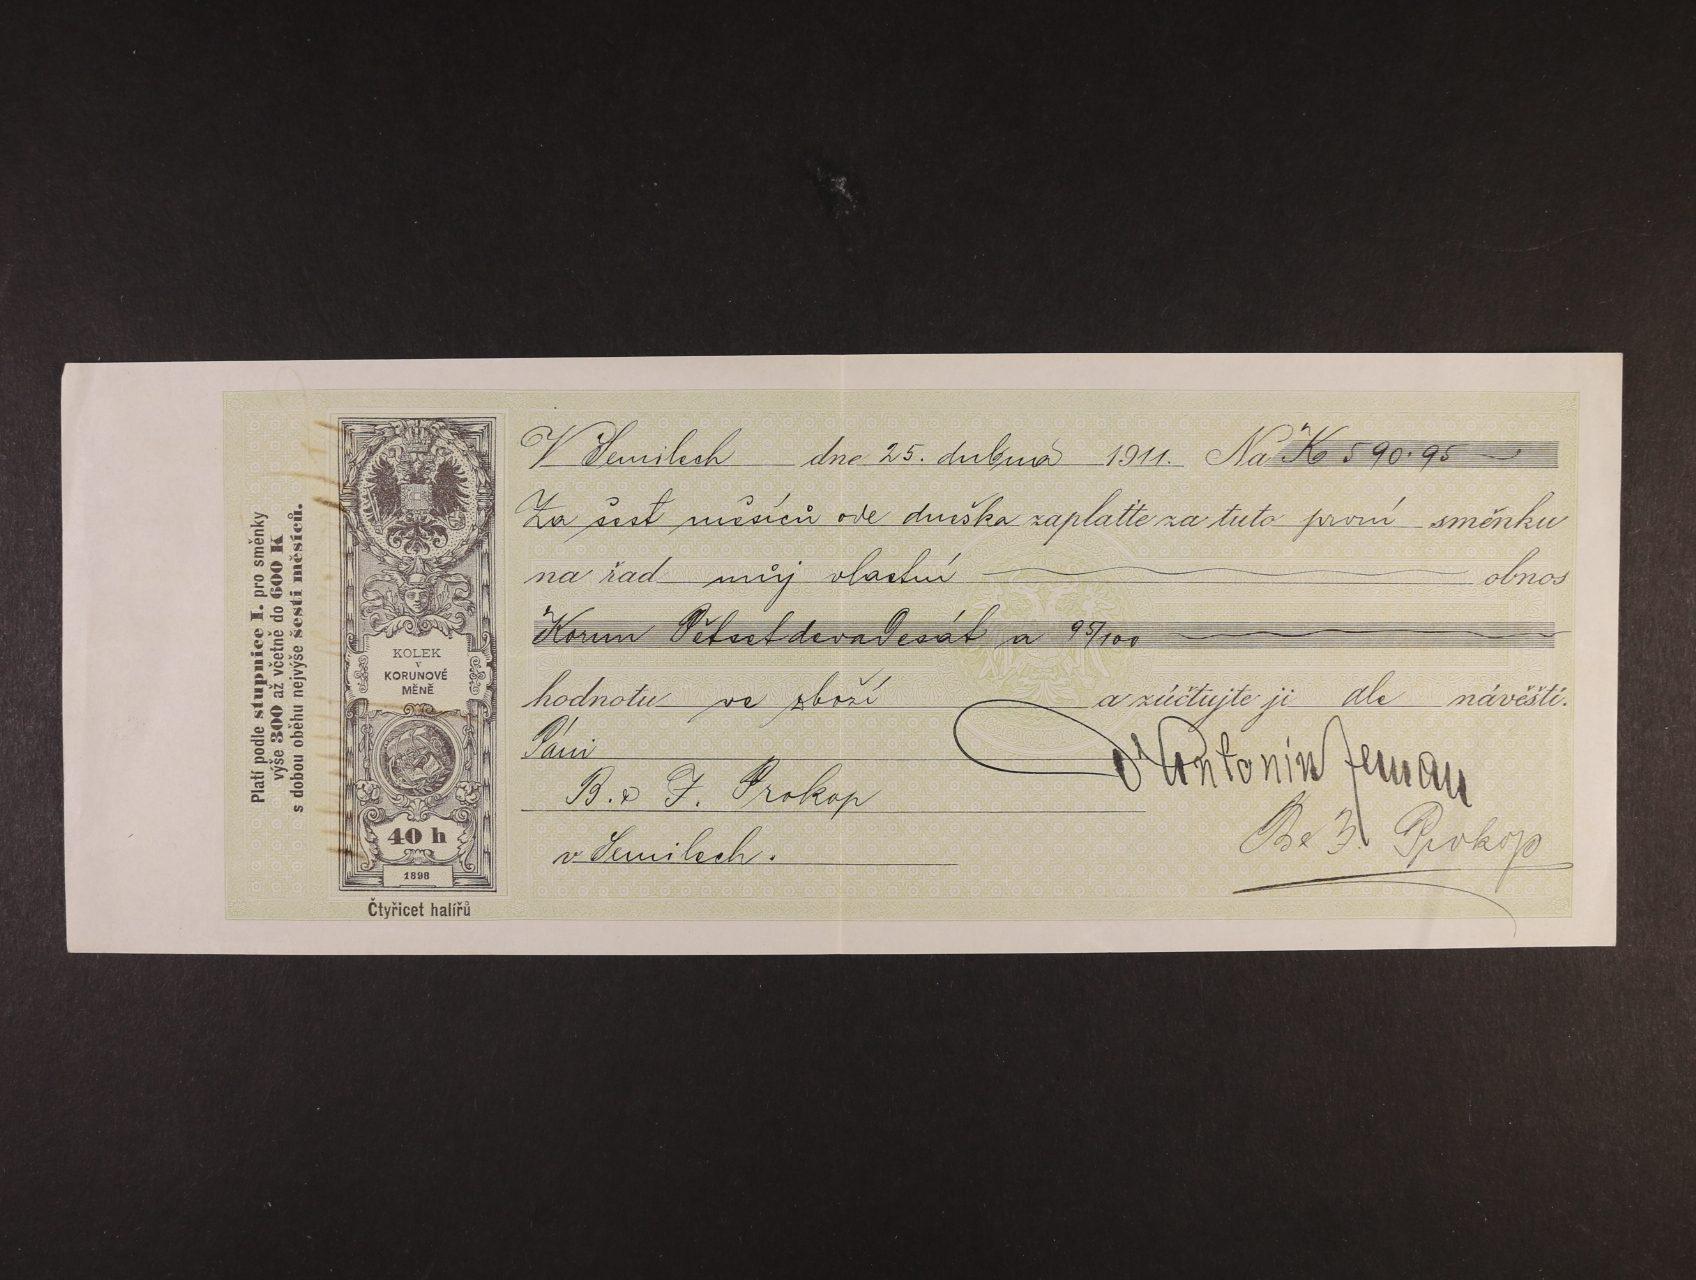 Stašek Antal, vl. jménem Antonín Zeman 1843 - 1931, význačný český spisovatel a prozaik - směnka na 590,95 K s vlastnoručním podpisem na lícní i rubové straně